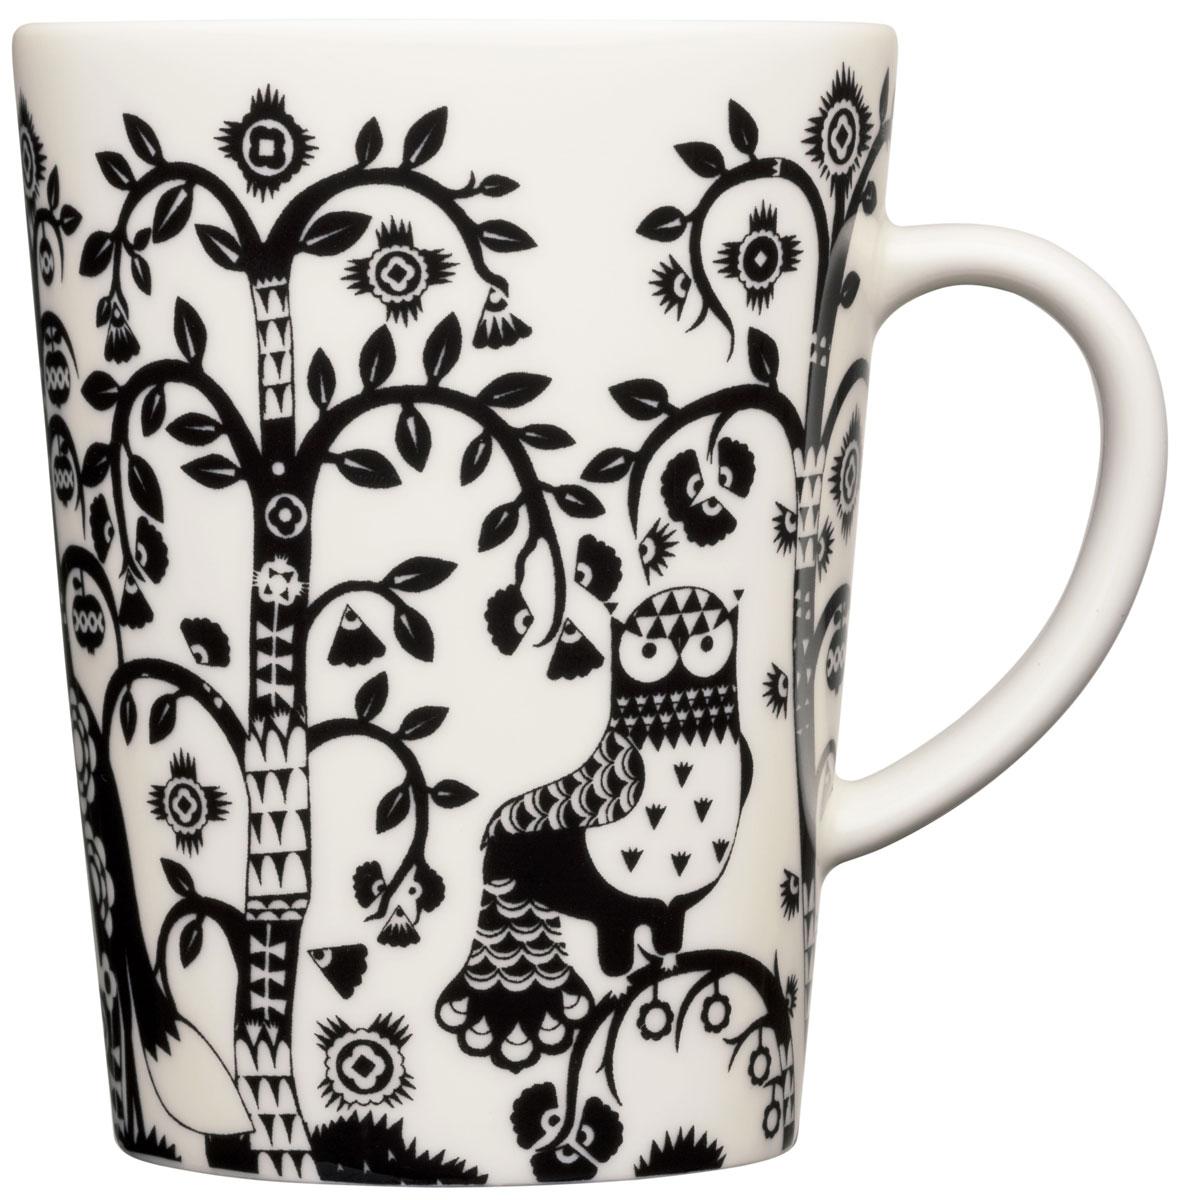 Чашка Iittala Taika, цвет: черный, 0,4 л1012500